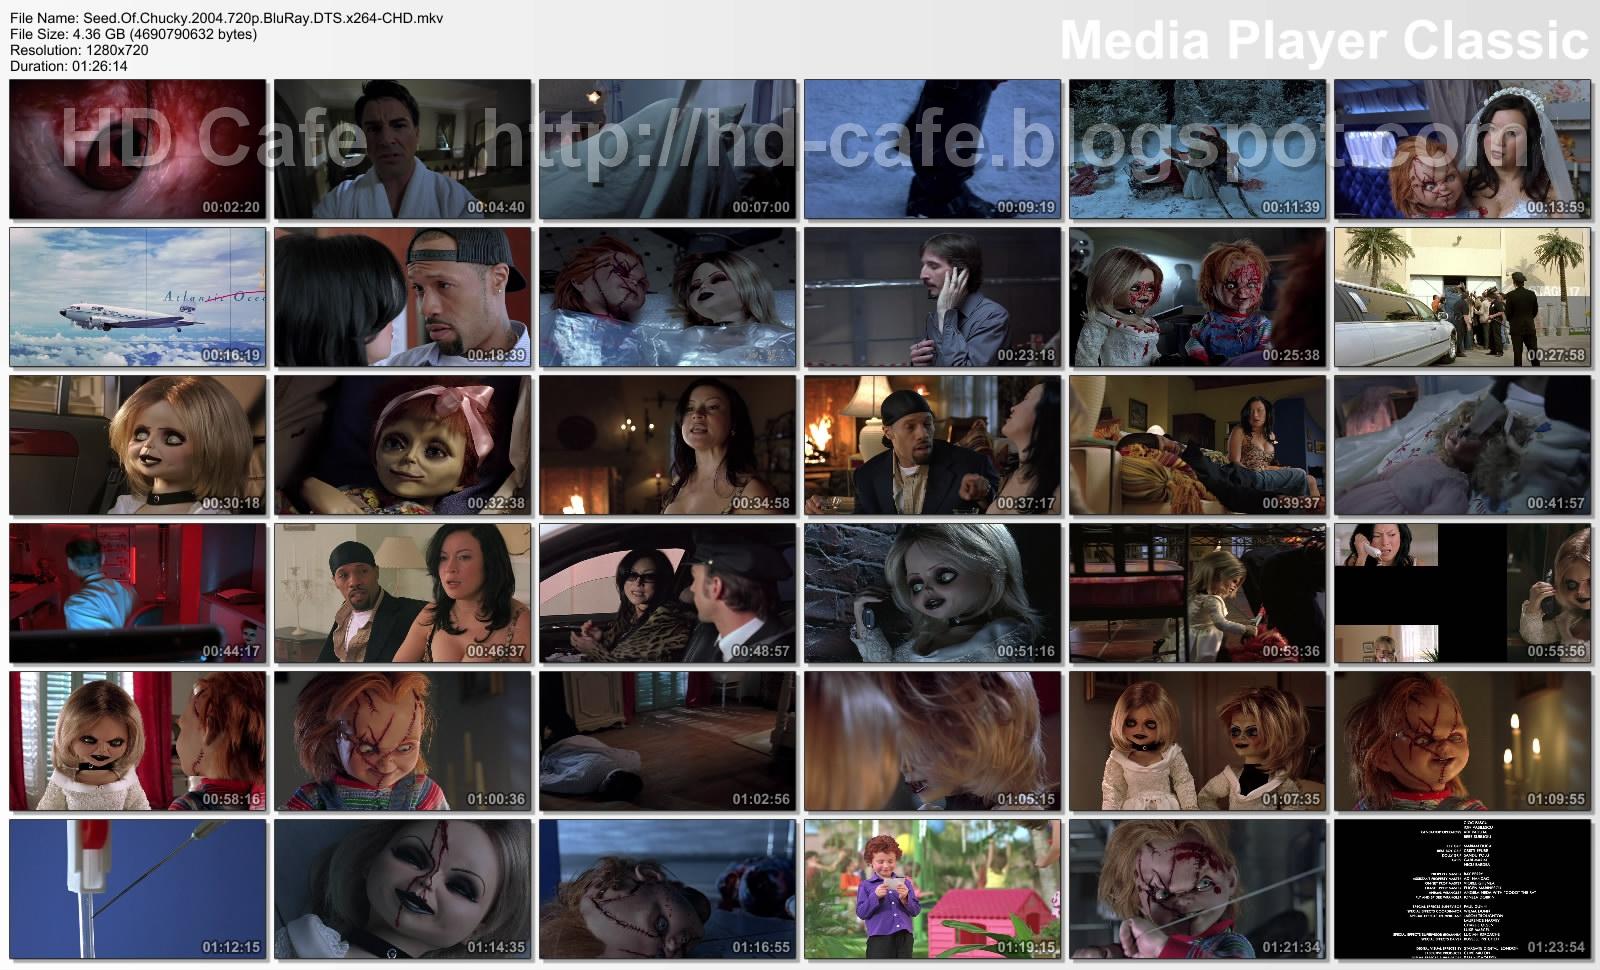 http://2.bp.blogspot.com/-CDHQhoDZ2BQ/TpVgoPqmGPI/AAAAAAAABH4/52Llu2x_rPY/s1600/Seed-Of-Chucky-2004-thumbs.jpg